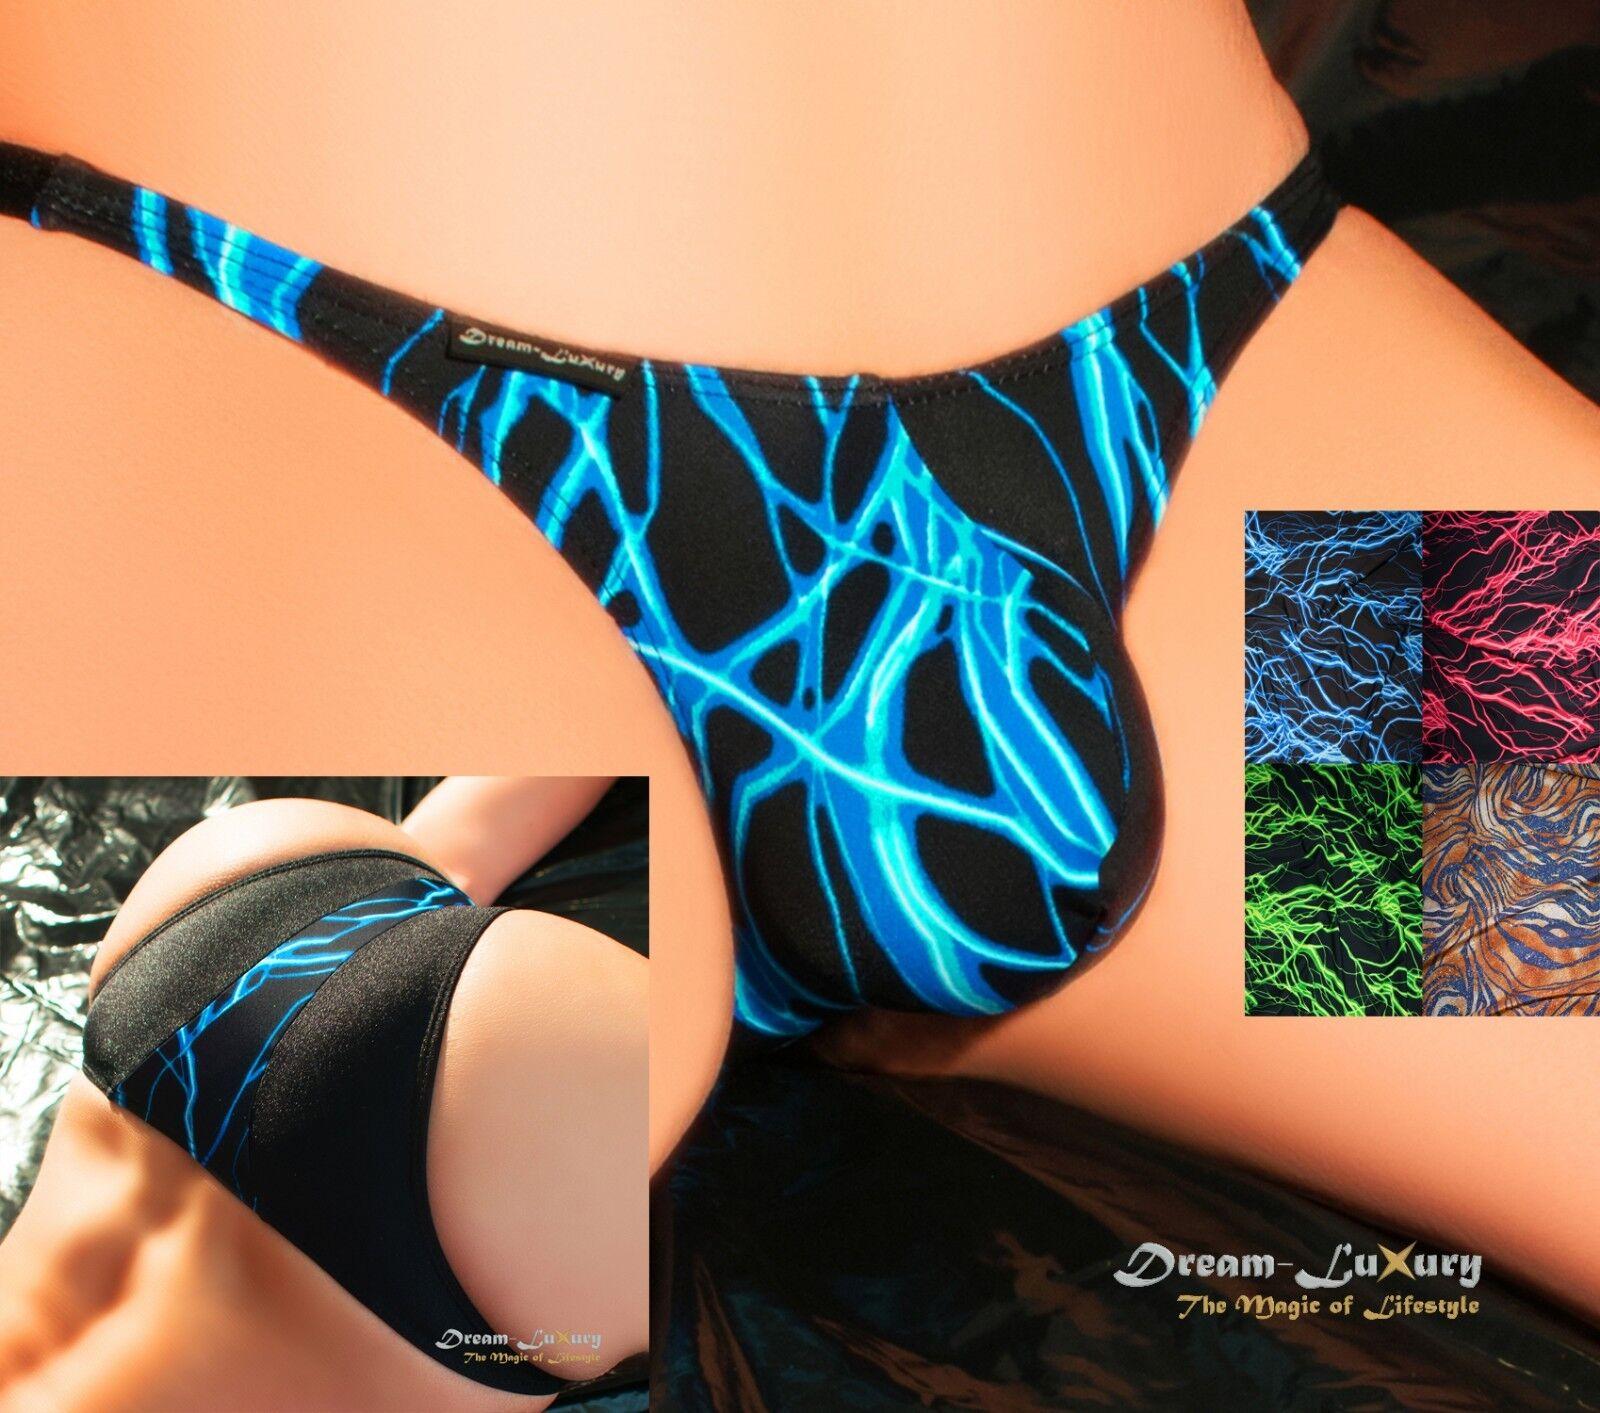 Dream-Luxury Brasil Badetanga   NEON 4 FARBEN XS-XL   Slip Bikini Badehose Brief  | Gutes Design  | König der Quantität  | Gewinnen Sie das Lob der Kunden